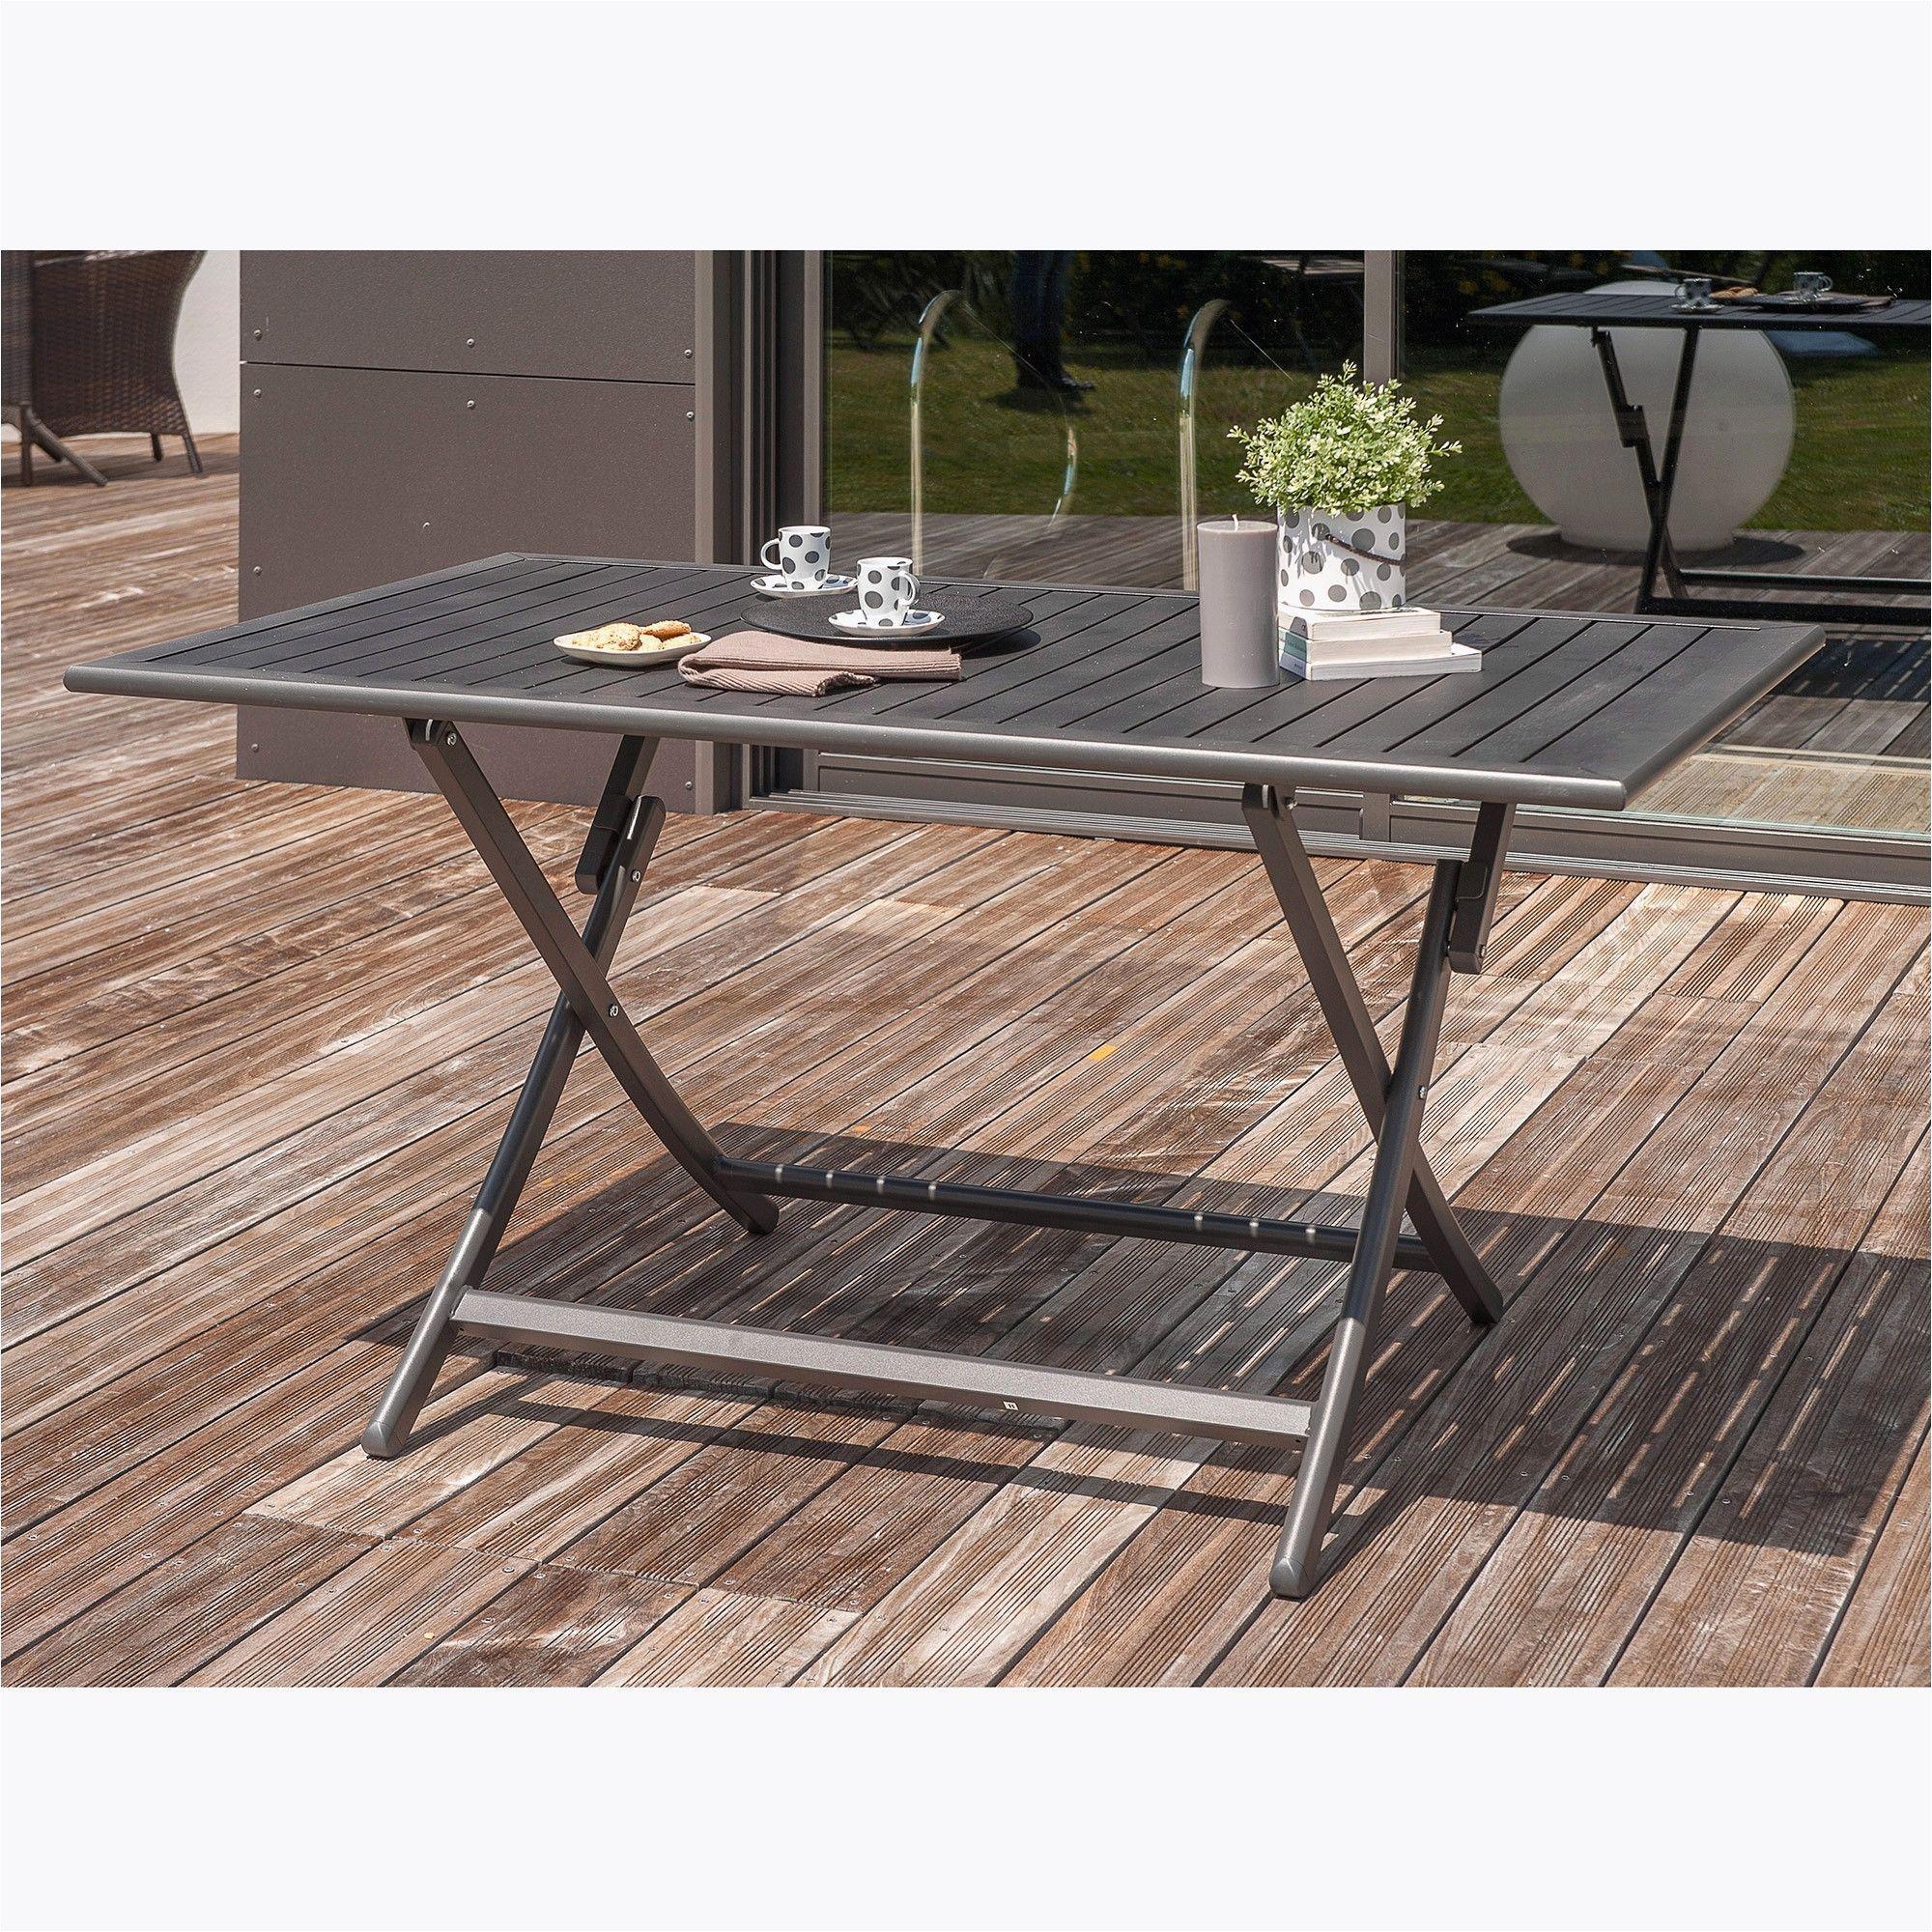 Table Bois Metal Exterieur 21 charmant table banc bois exterieur | salon jardin